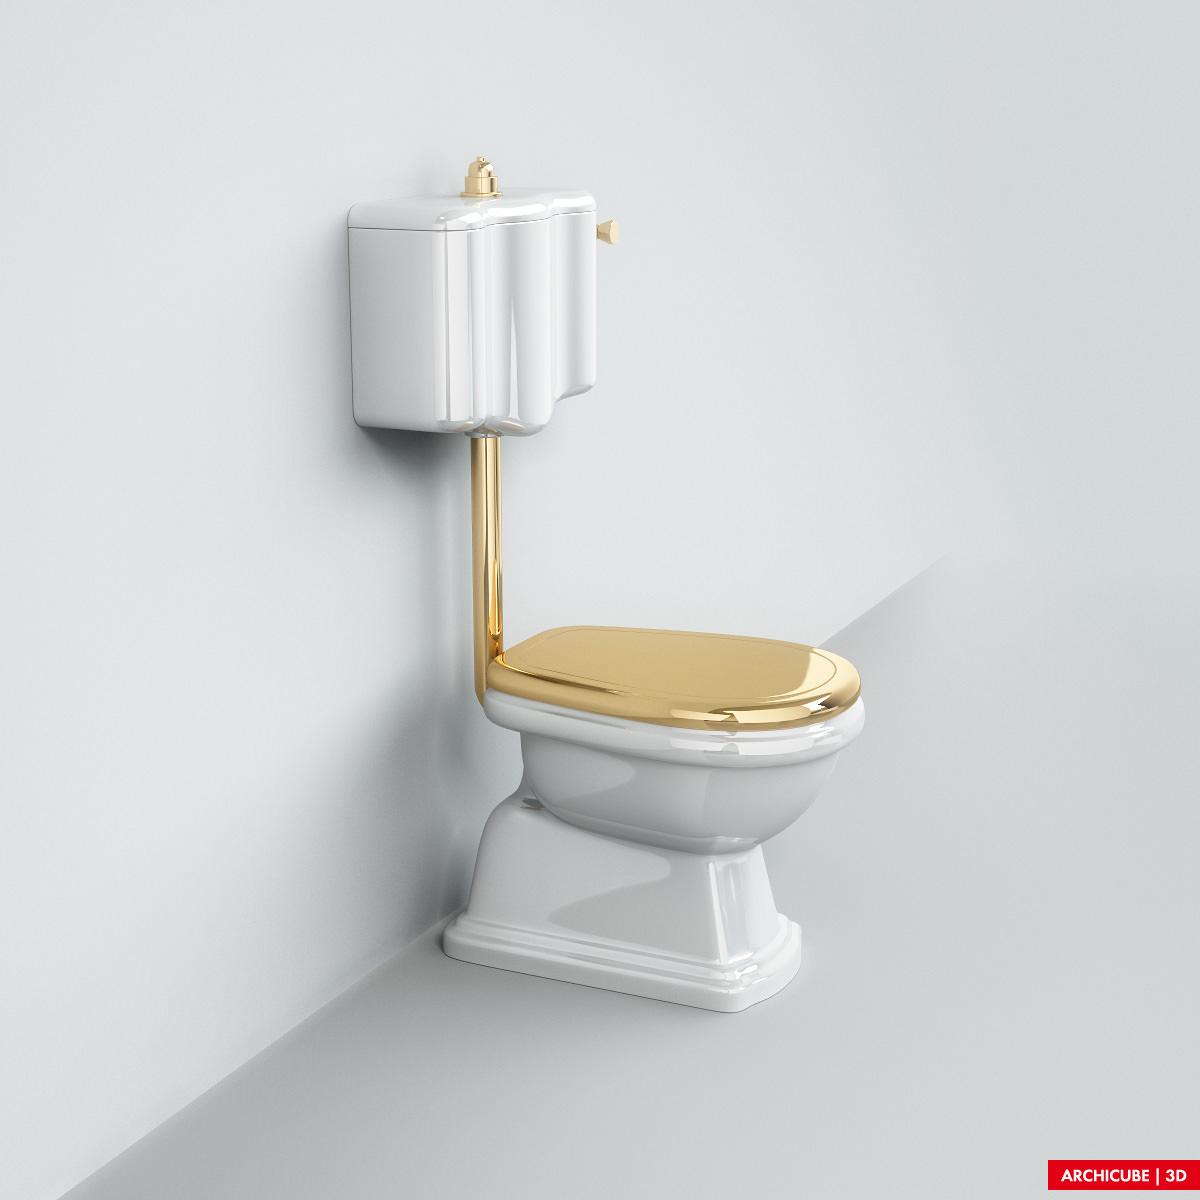 Classic toilet 02 3d model max obj fbx - Toilet model ...